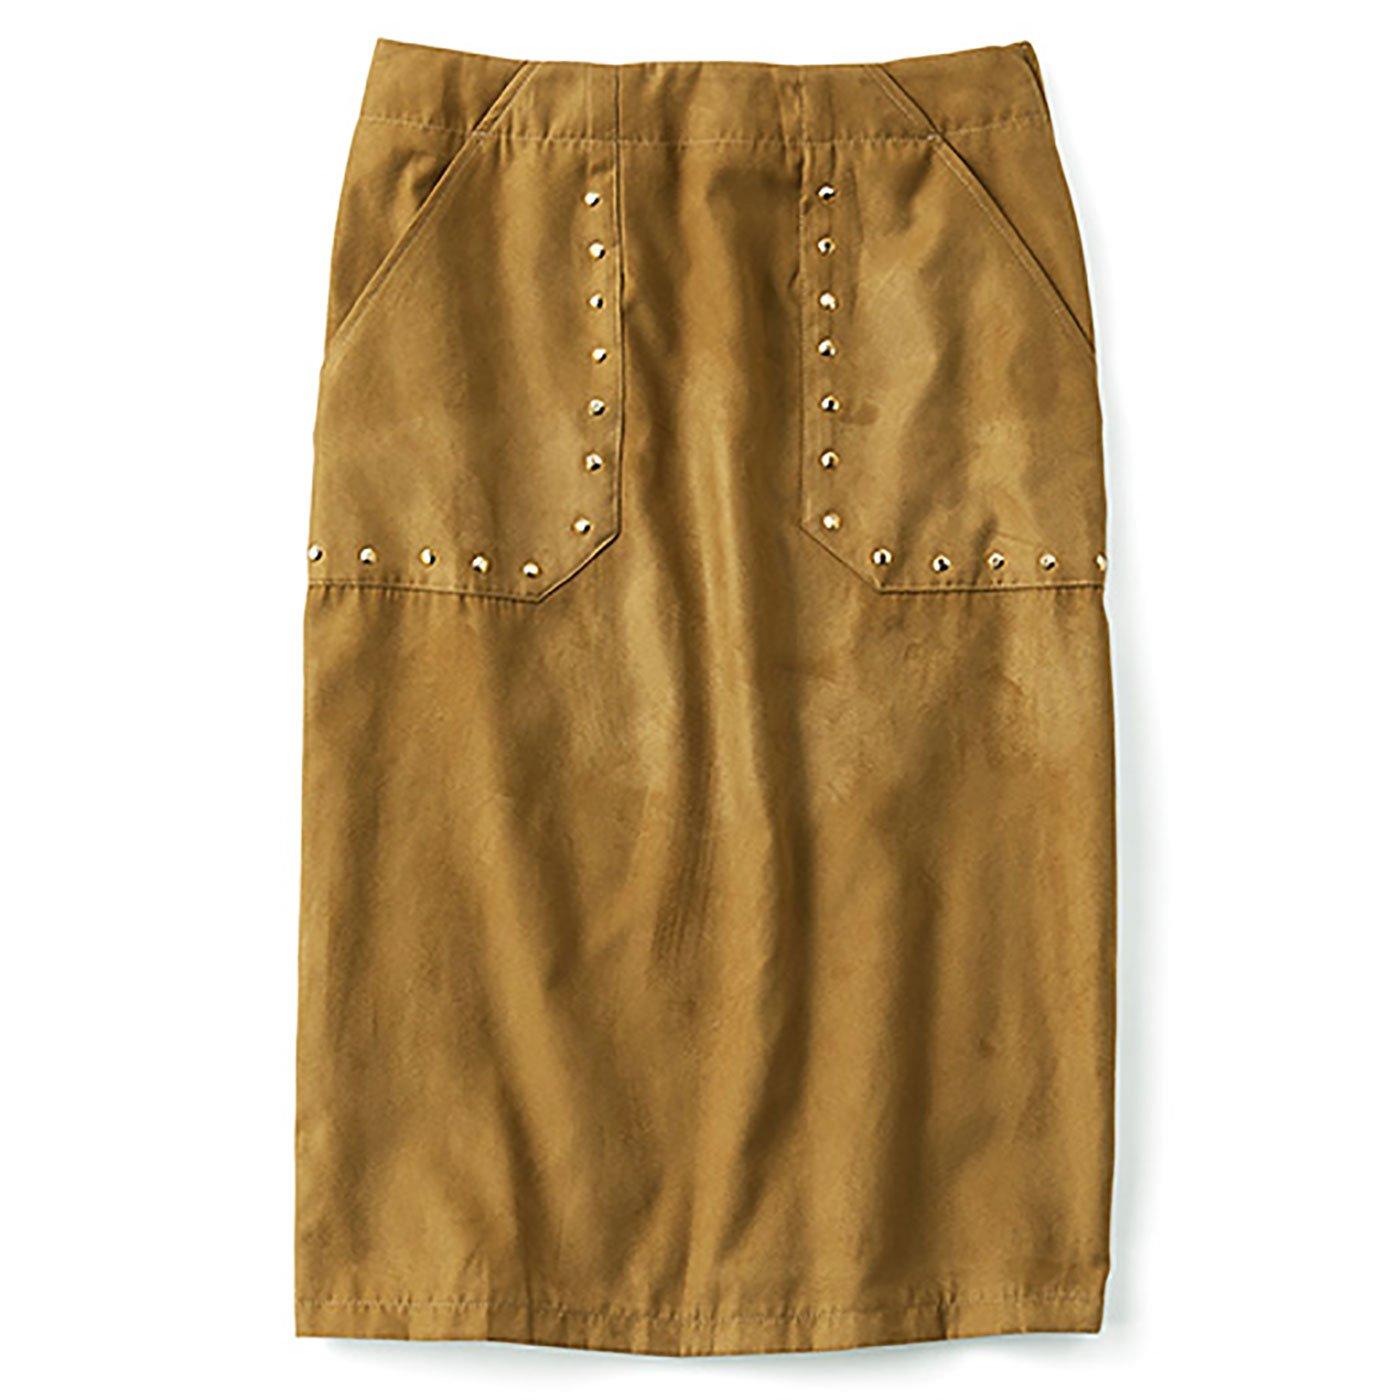 ミルブロウズ スタッズ遣いが華やぎを添えるストレッチフェイクスエードスカート〈キャメル〉